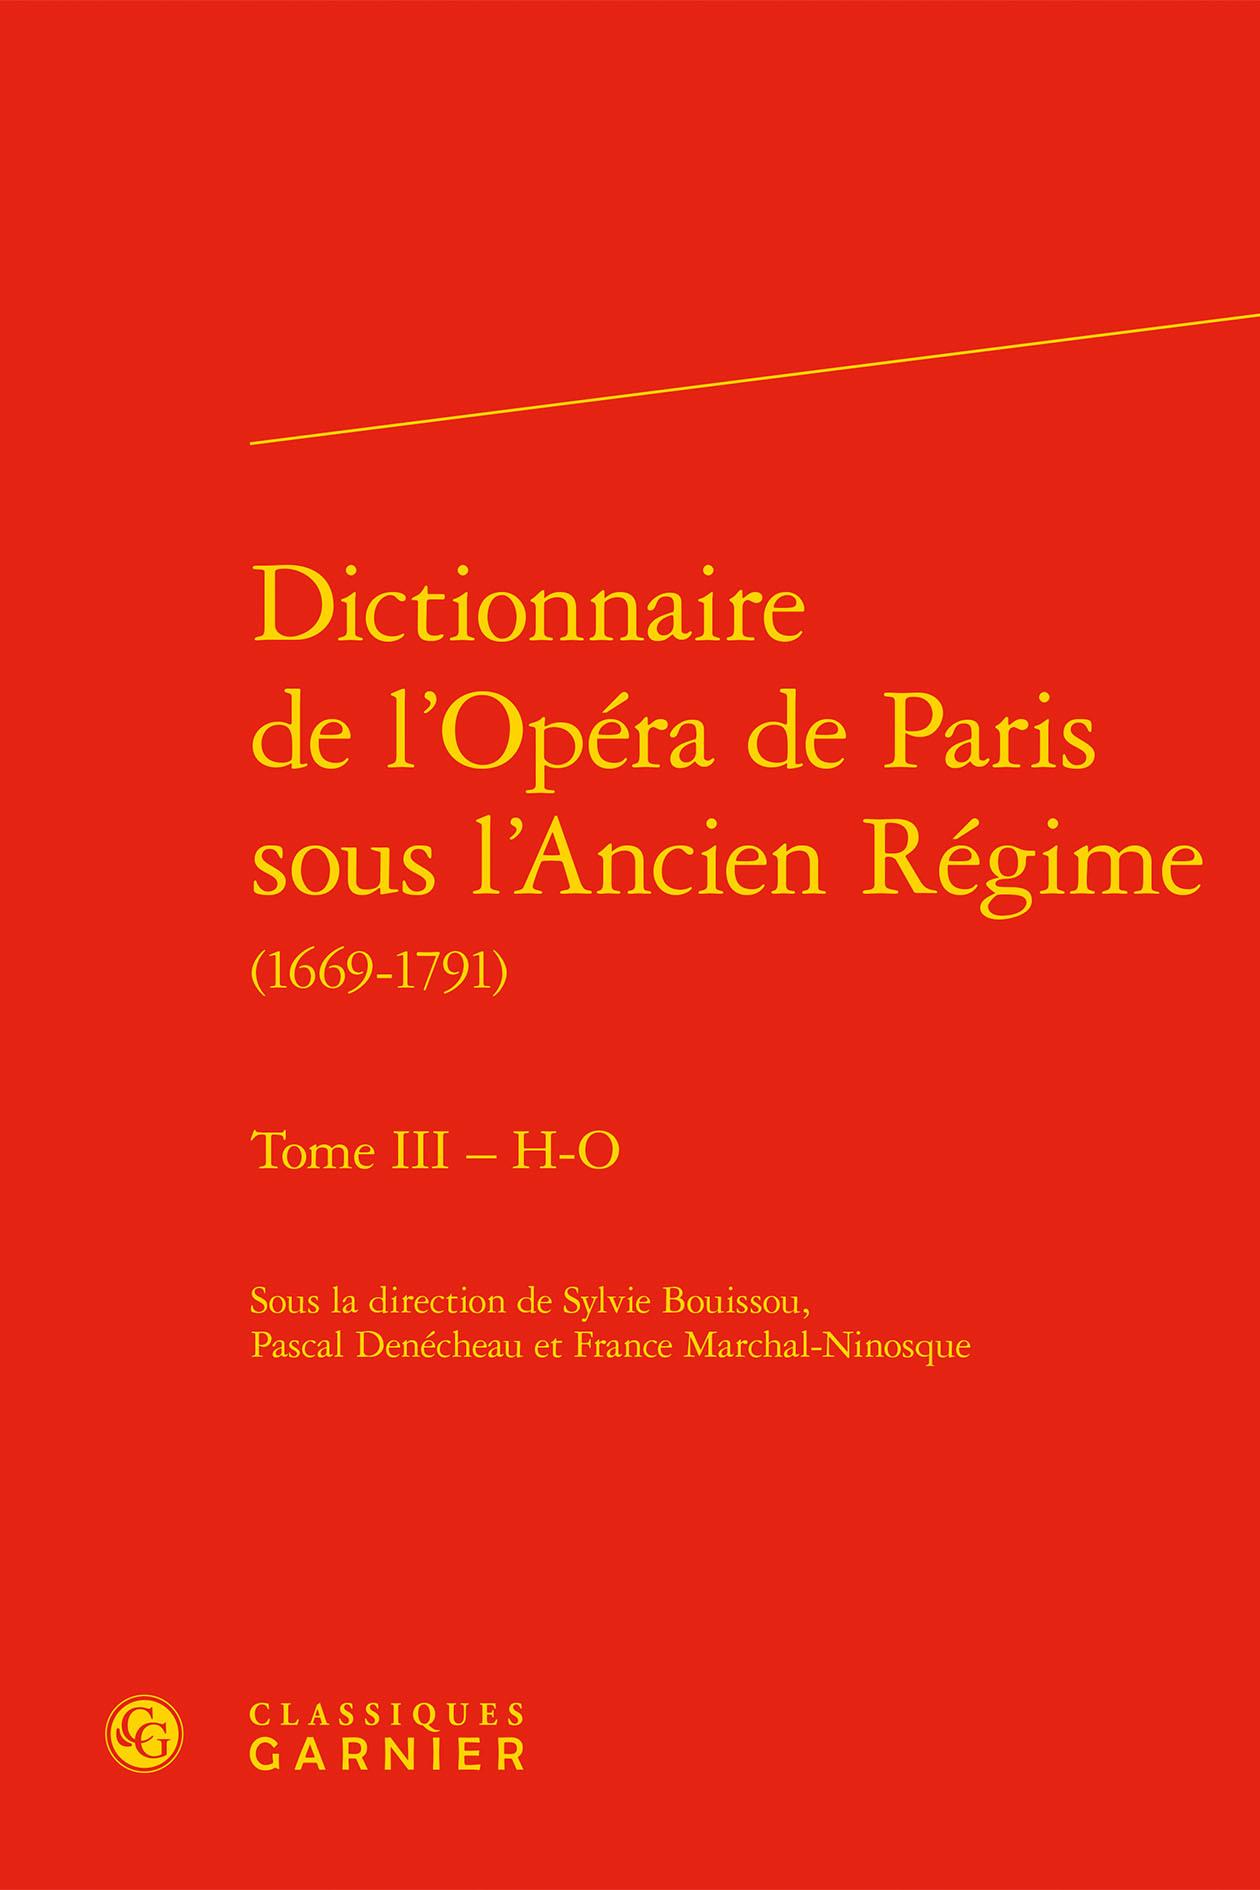 DICTIONNAIRE DE L'OPERA DE PARIS SOUS L'ANCIEN REGIME (1669-1791). TOME III - H-